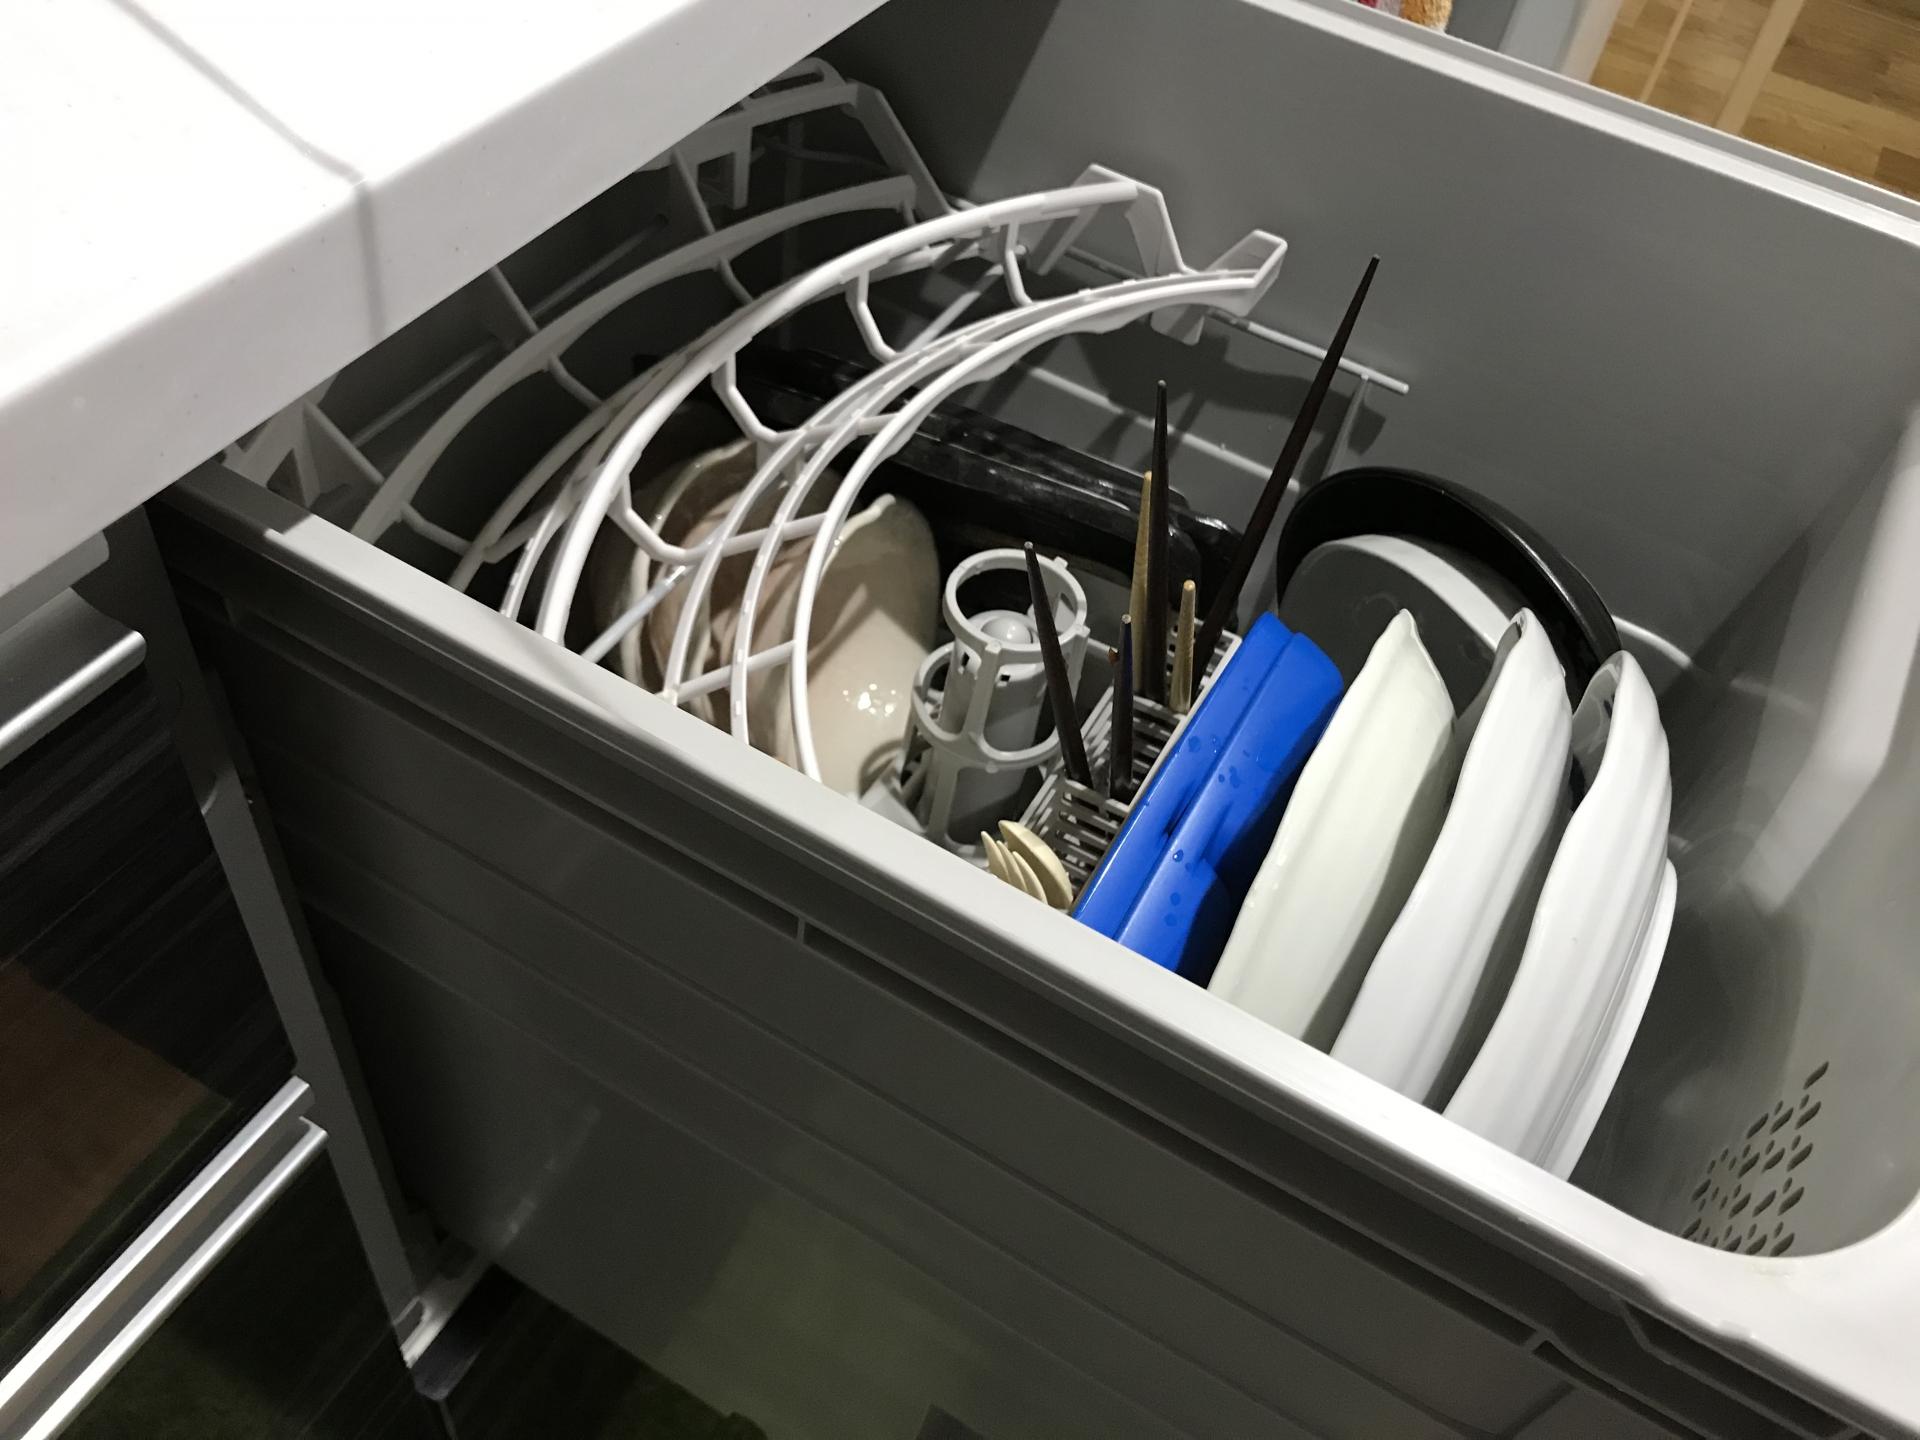 【食洗機の水漏れ】慌てずに!原因と対処法を知れば安心。自分で直す方法も解説。 | 水道修理ルート